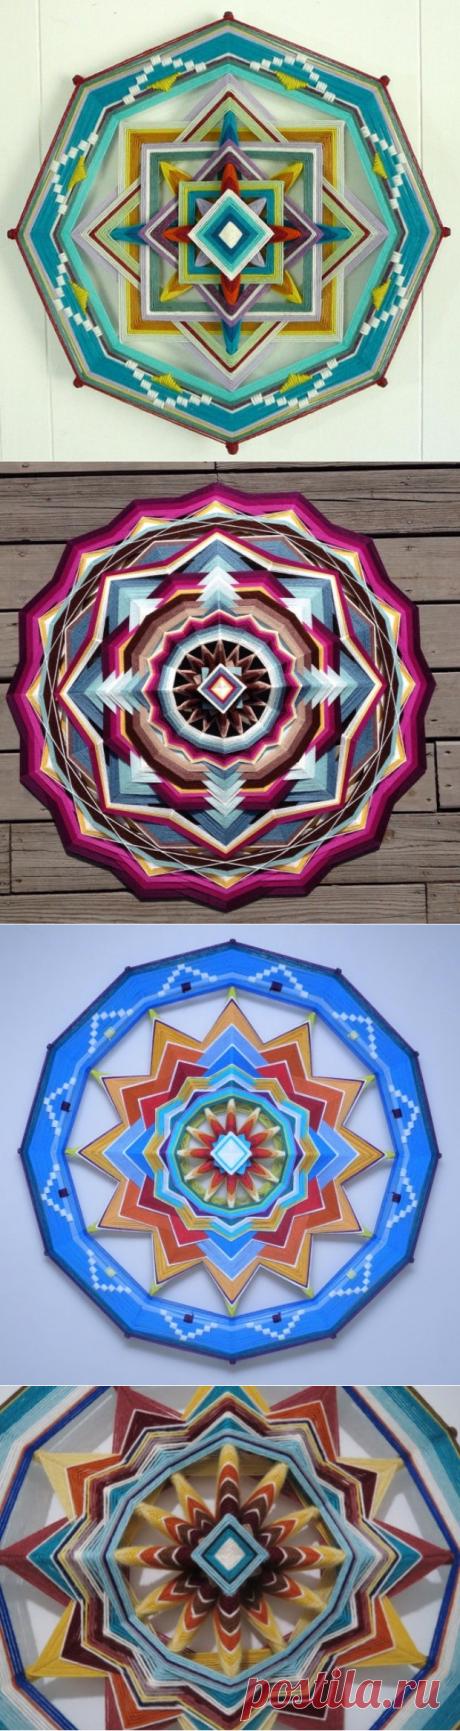 Плетеные мандалы. Видео мастер-класс — HandMade